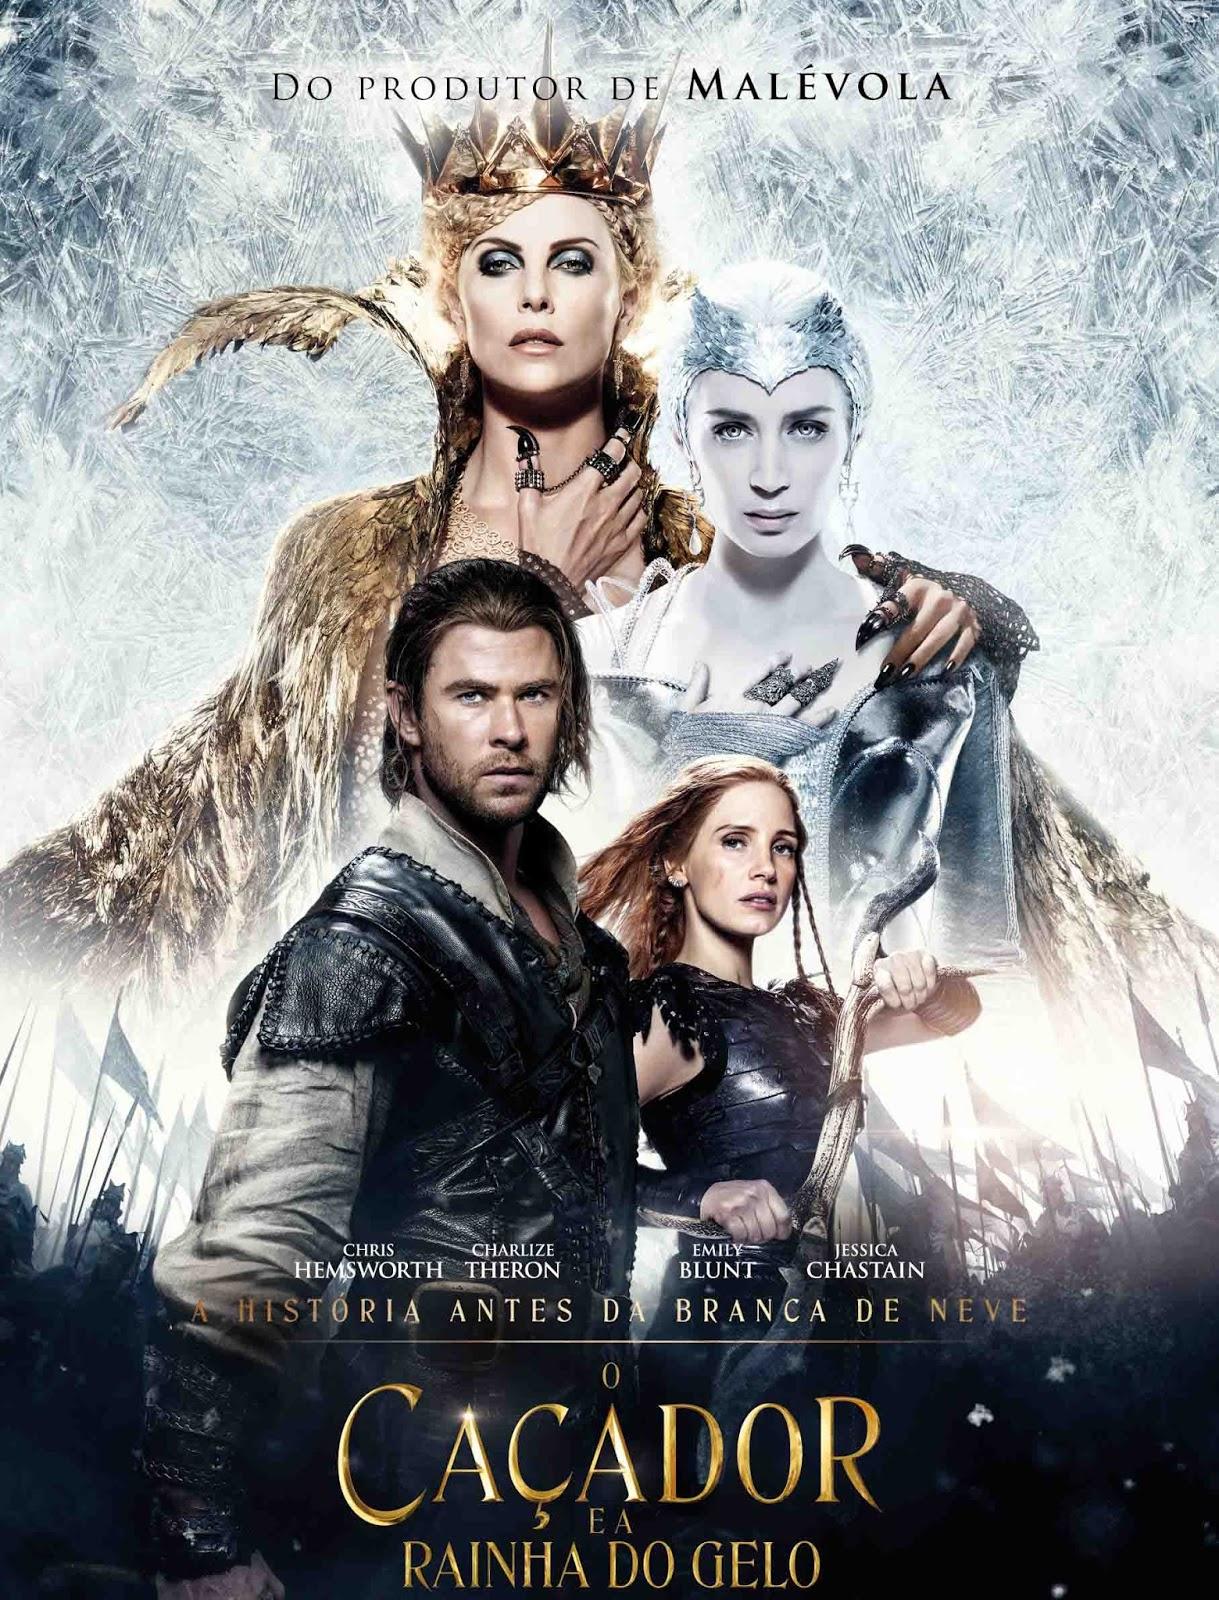 O Caçador e a Rainha do Gelo Edição Estendida Torrent – BluRay 720p e 1080p Dual Áudio (2016)